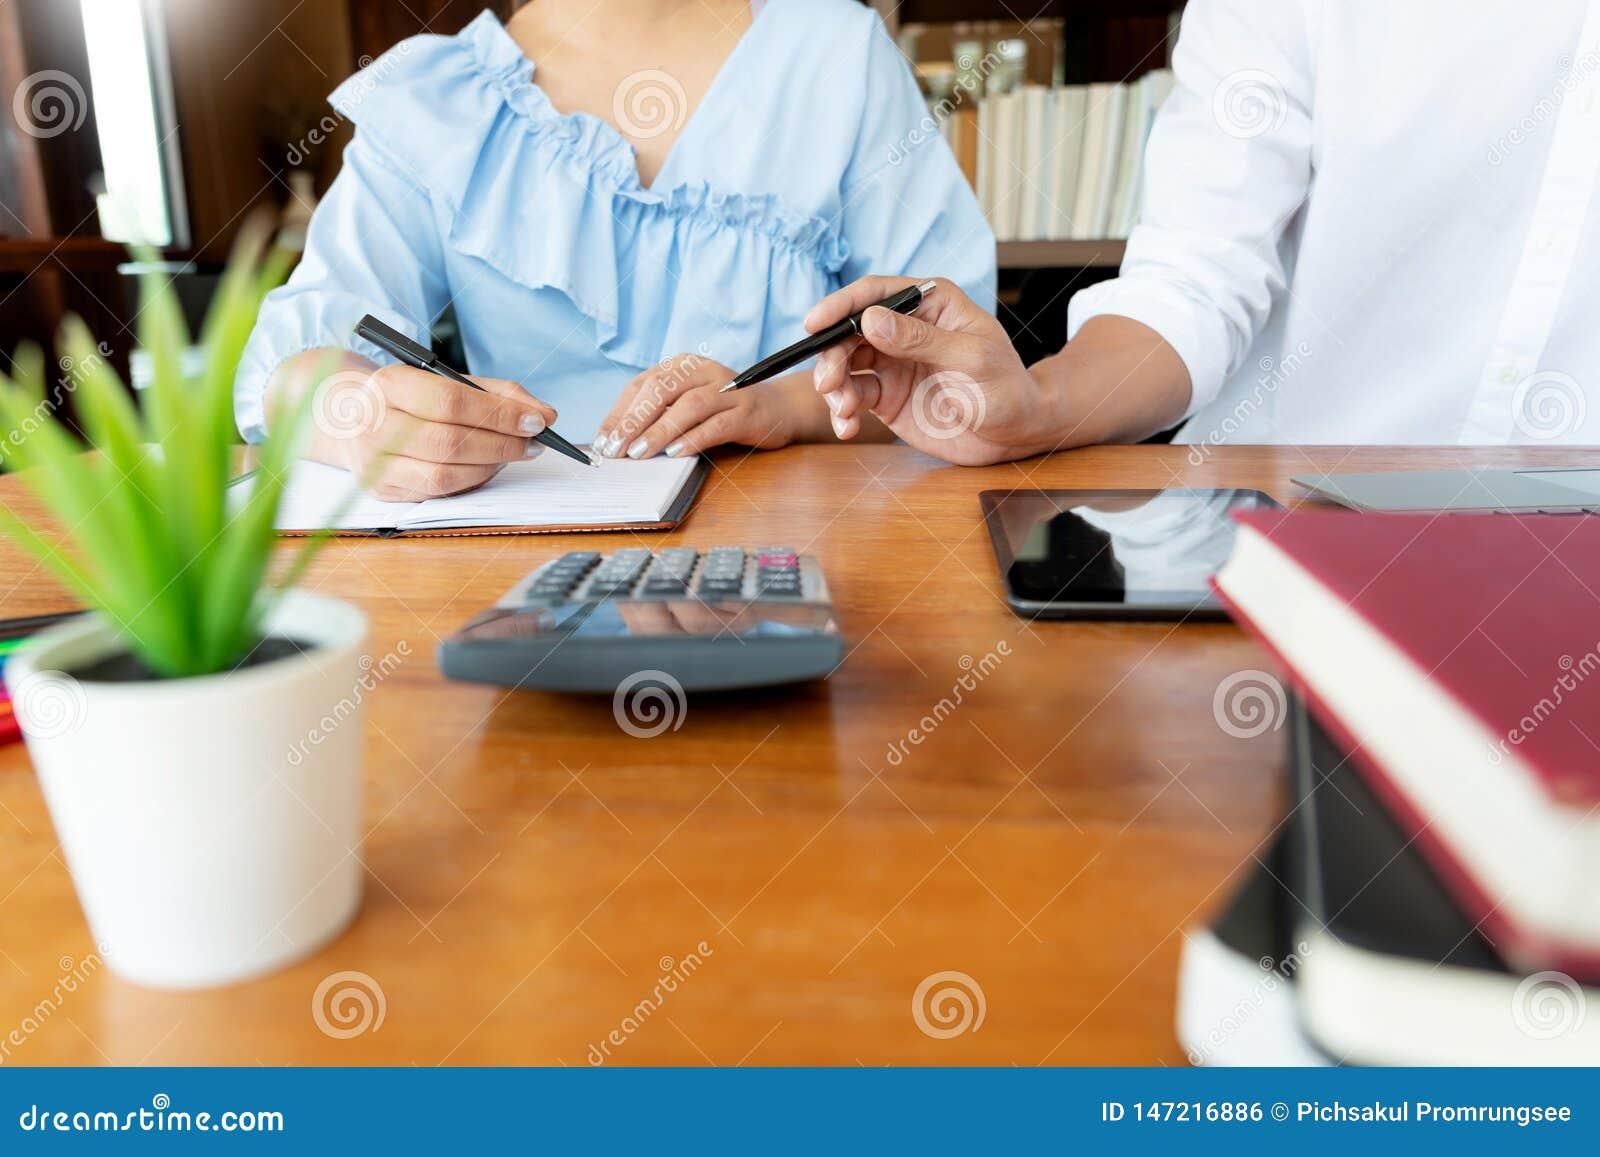 ?ducation et concept d ?cole, campus d ?tudiants ou camarades de classe apprenant l ami de rattrapage de soutien scolaire pour un